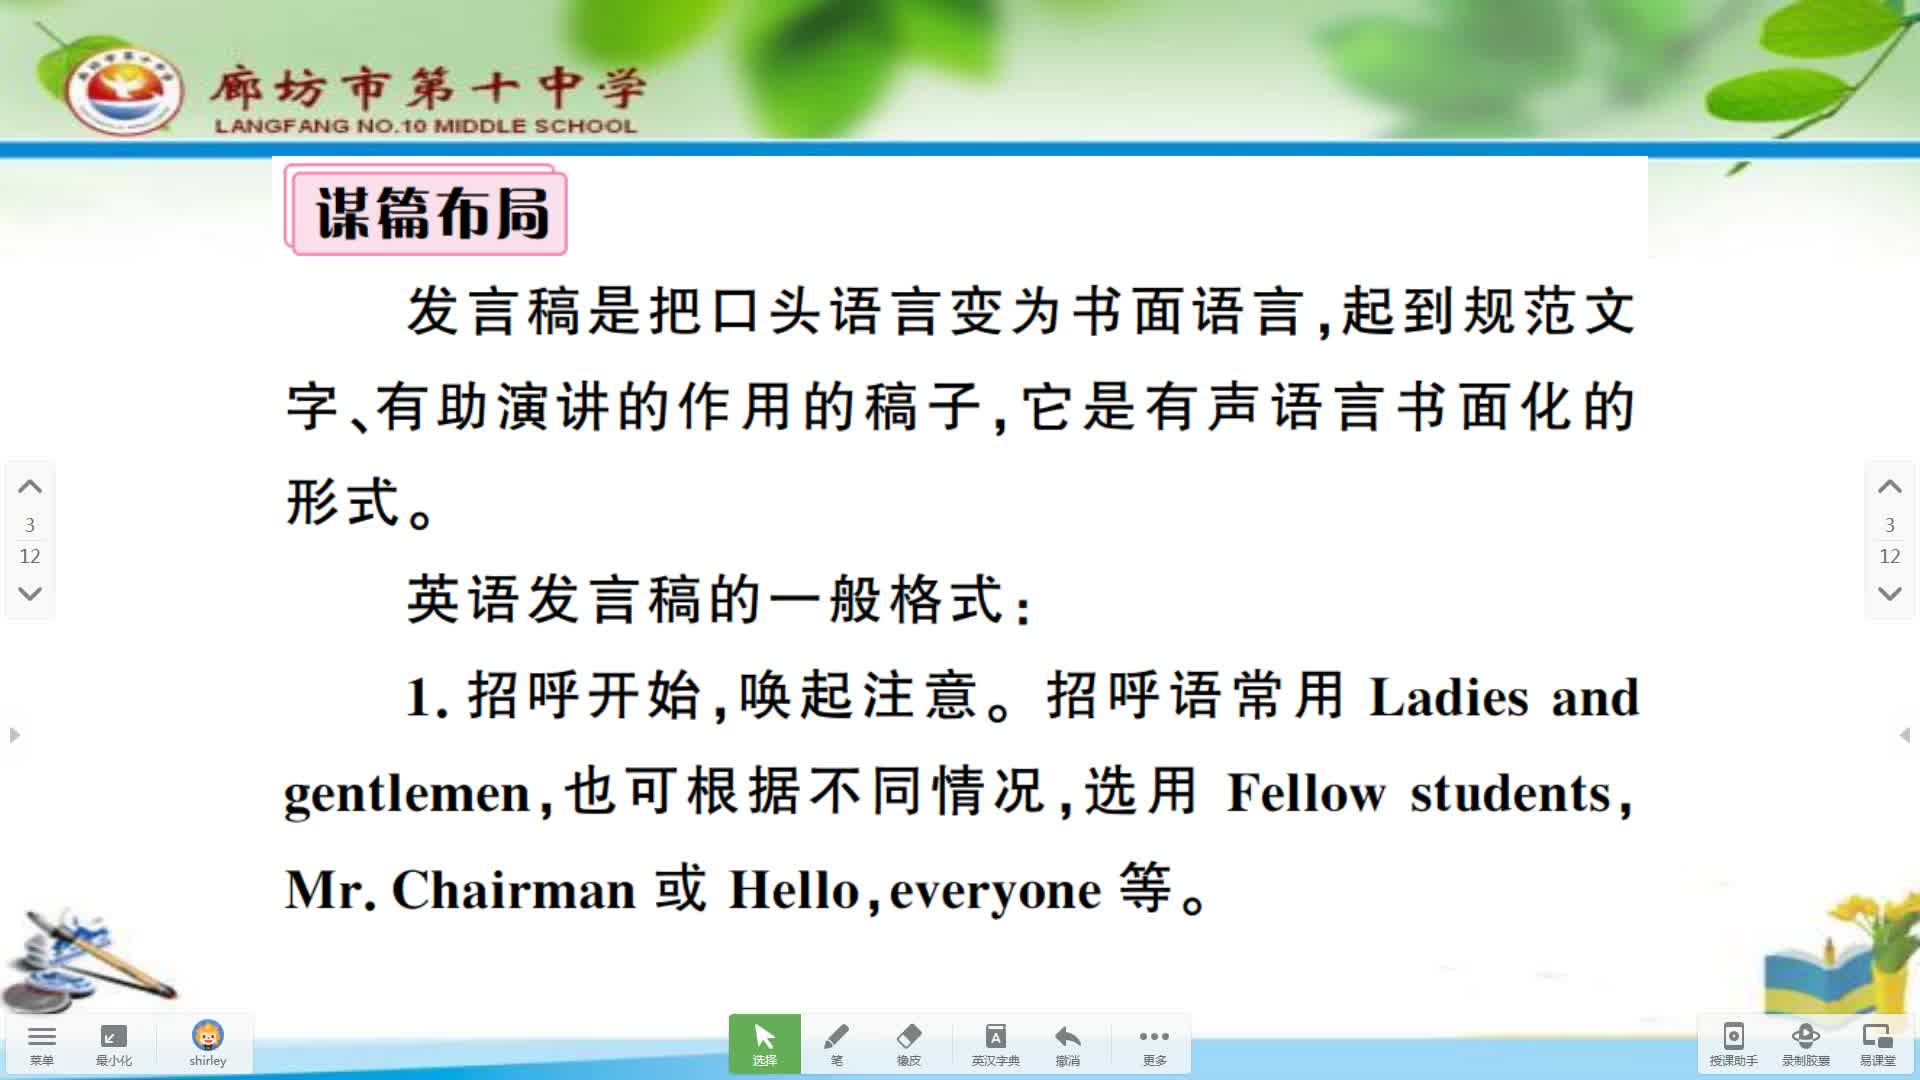 廊坊十中-人教版 八年级英语上册 第二单元 写作说明-写作专项 侯氏清